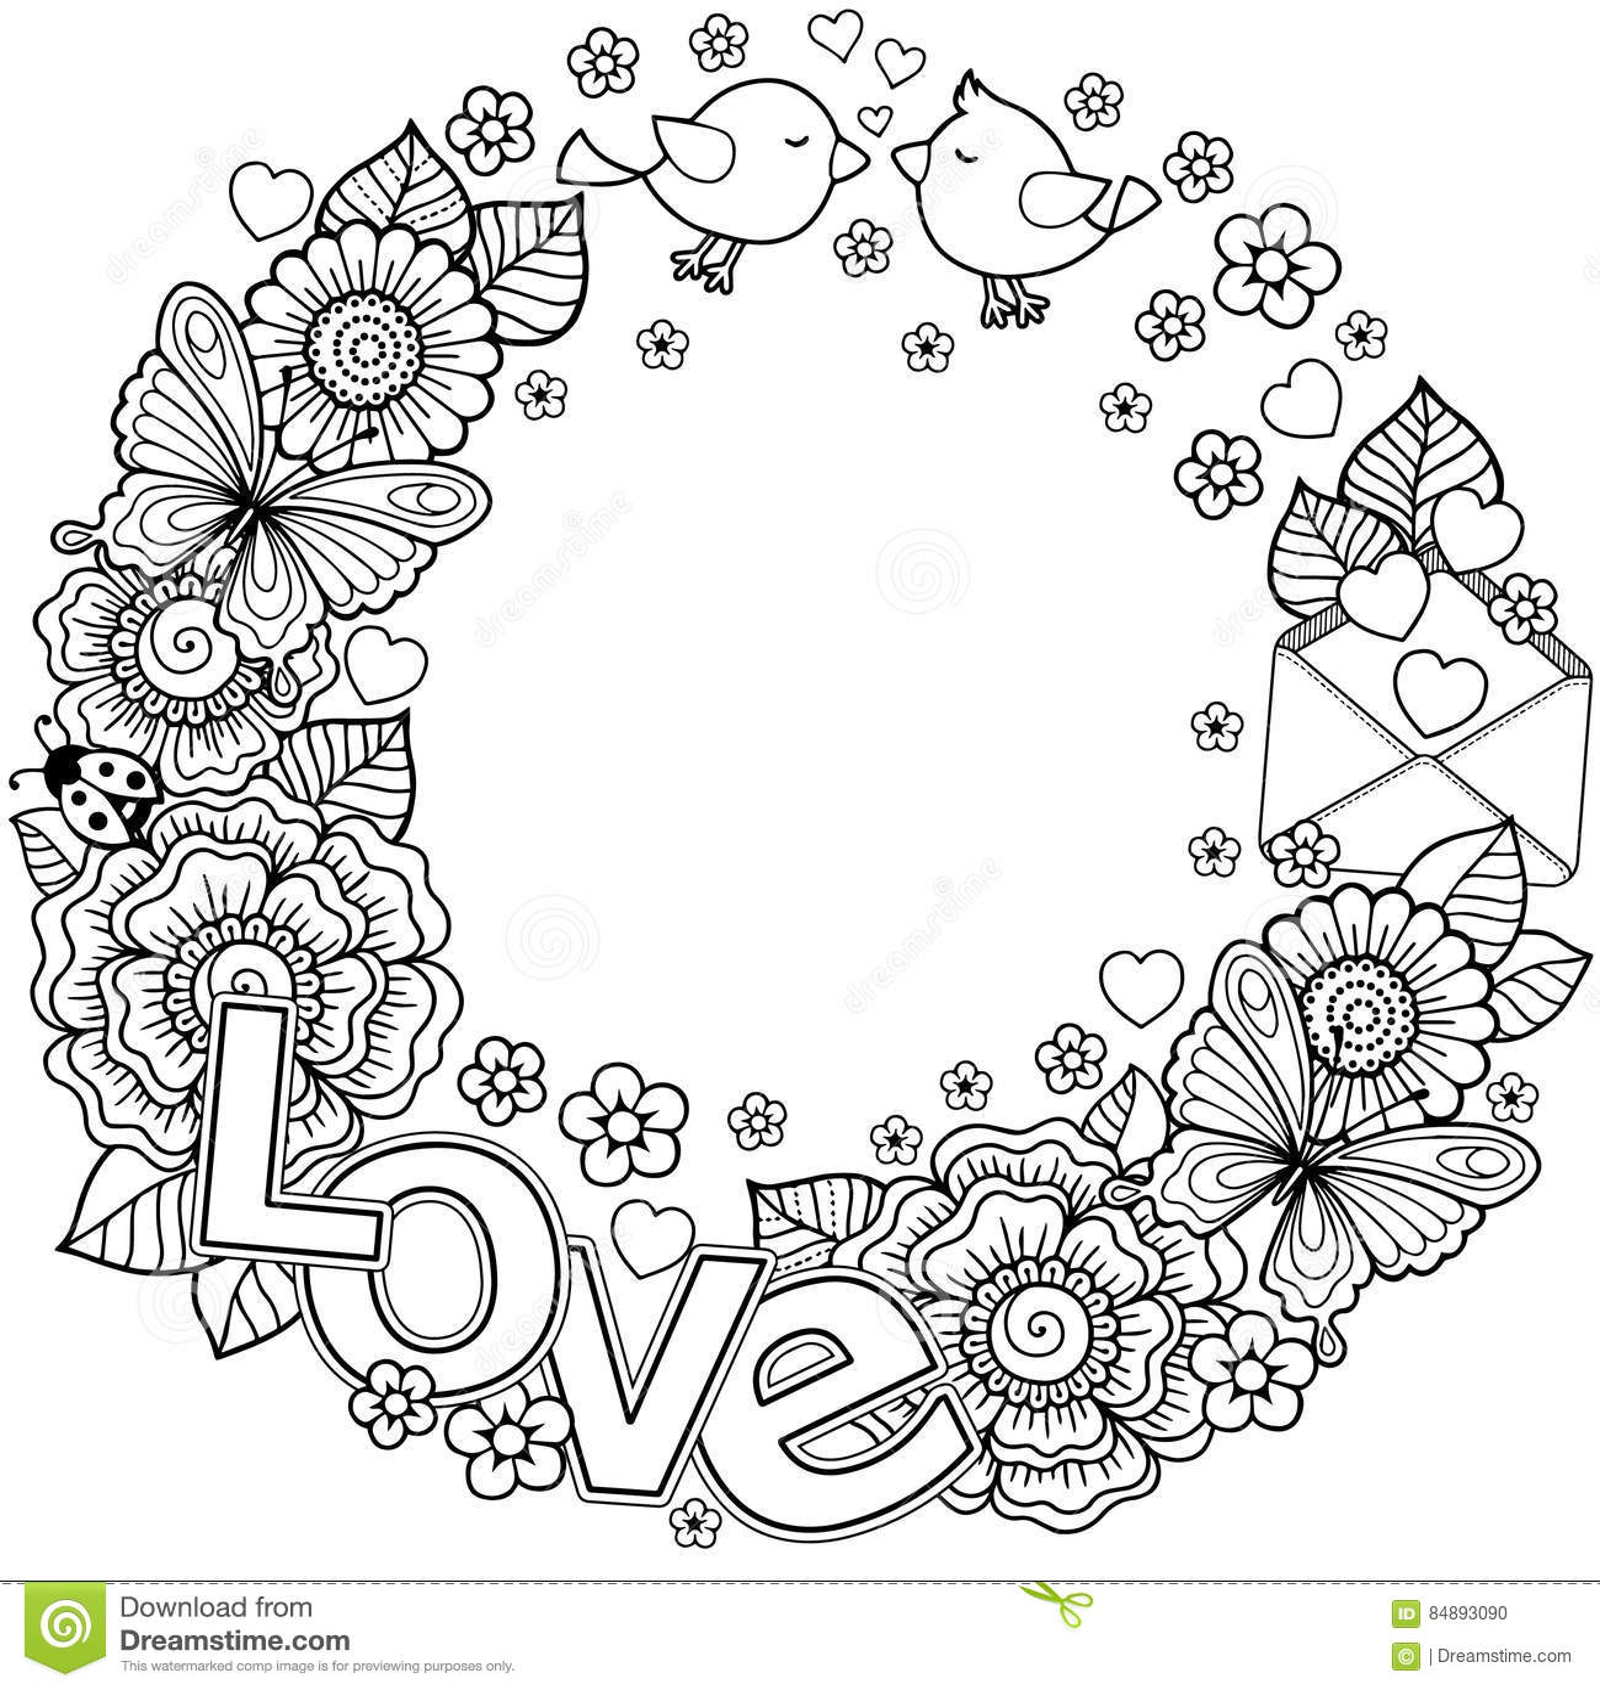 σας αγαπώ Πλαίσιο Rounder φιαγμένο από λουλούδια, πεταλούδες, φίλημα πουλιών και αγάπη λέξης